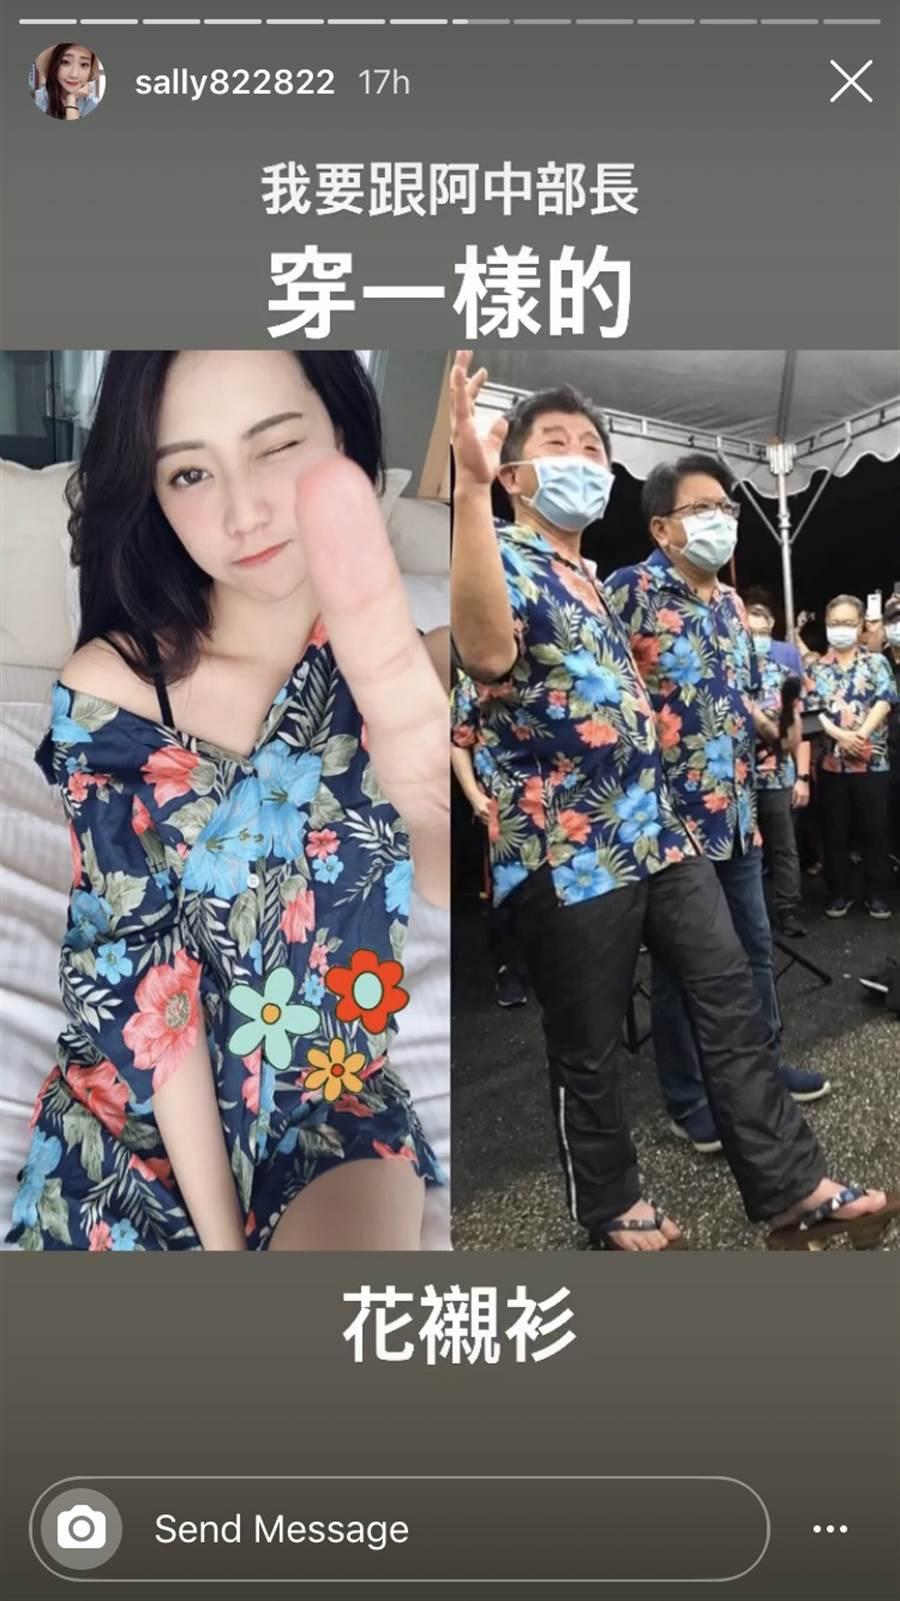 空姐穿陳時中同款花襯衫,他一看喊:部長哪有那麼可愛。(圖/翻攝自IG,sally822822)